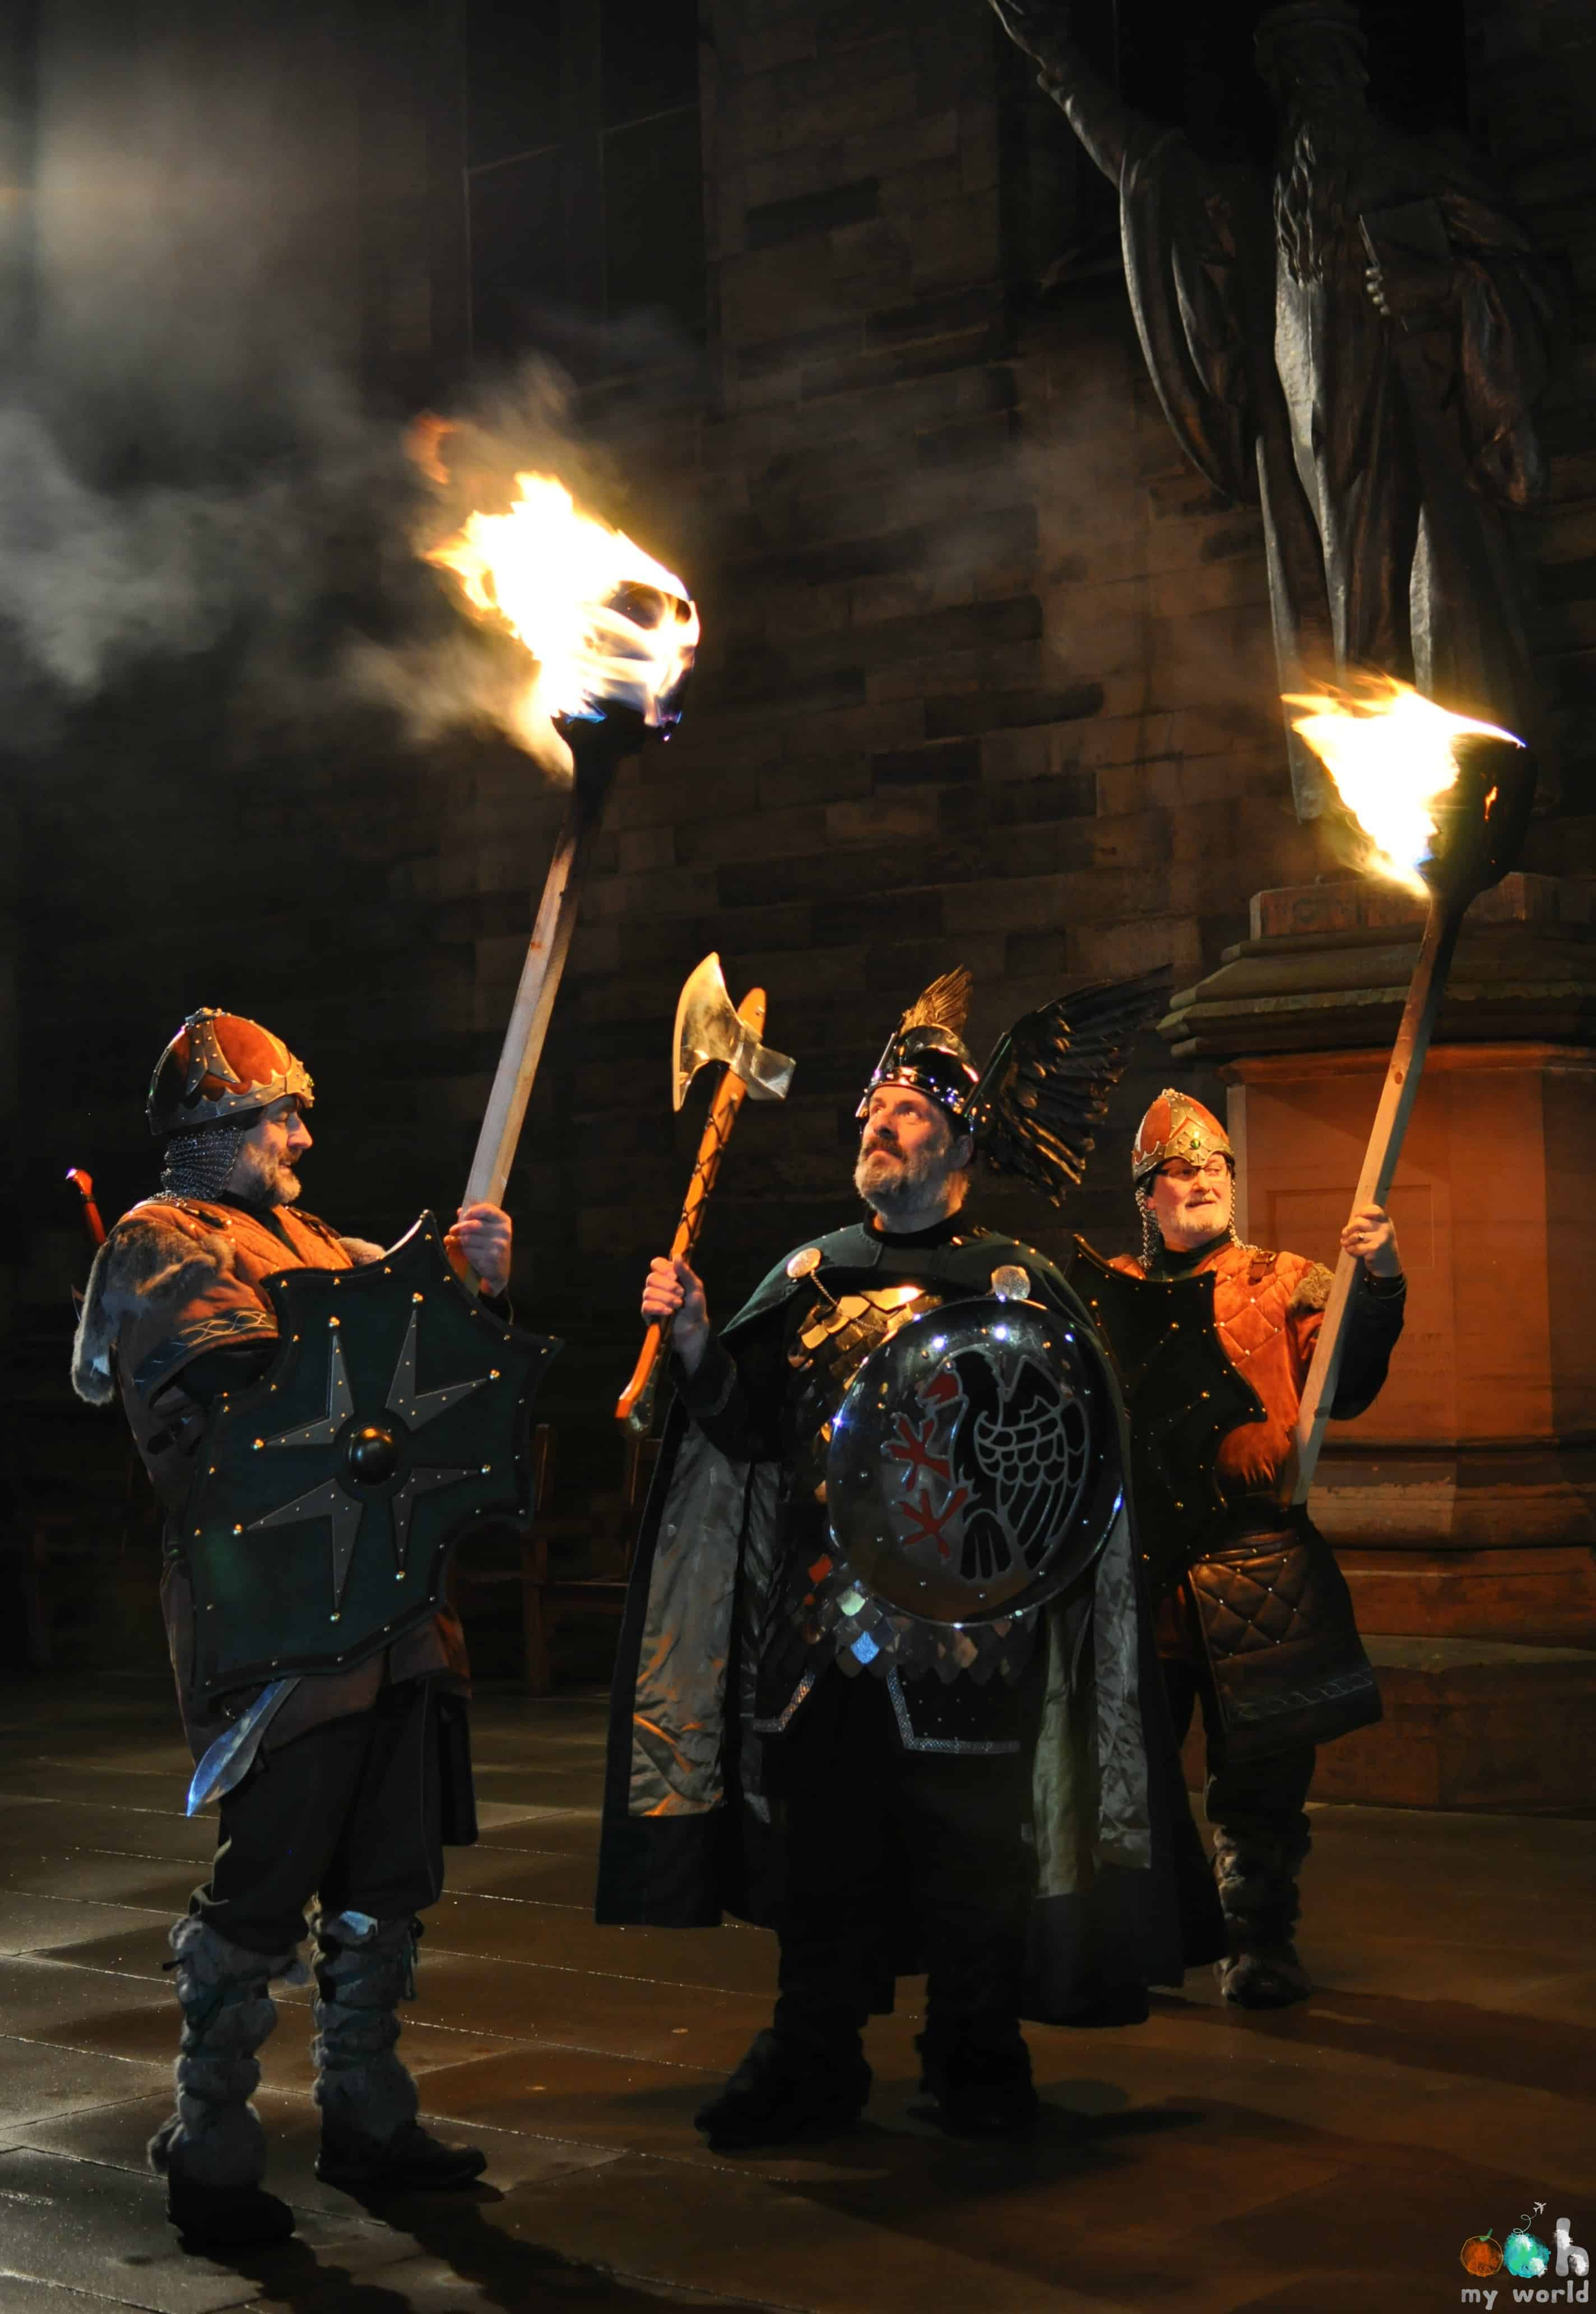 Viking des Shetlands à Edimbourg pour Hogmanay